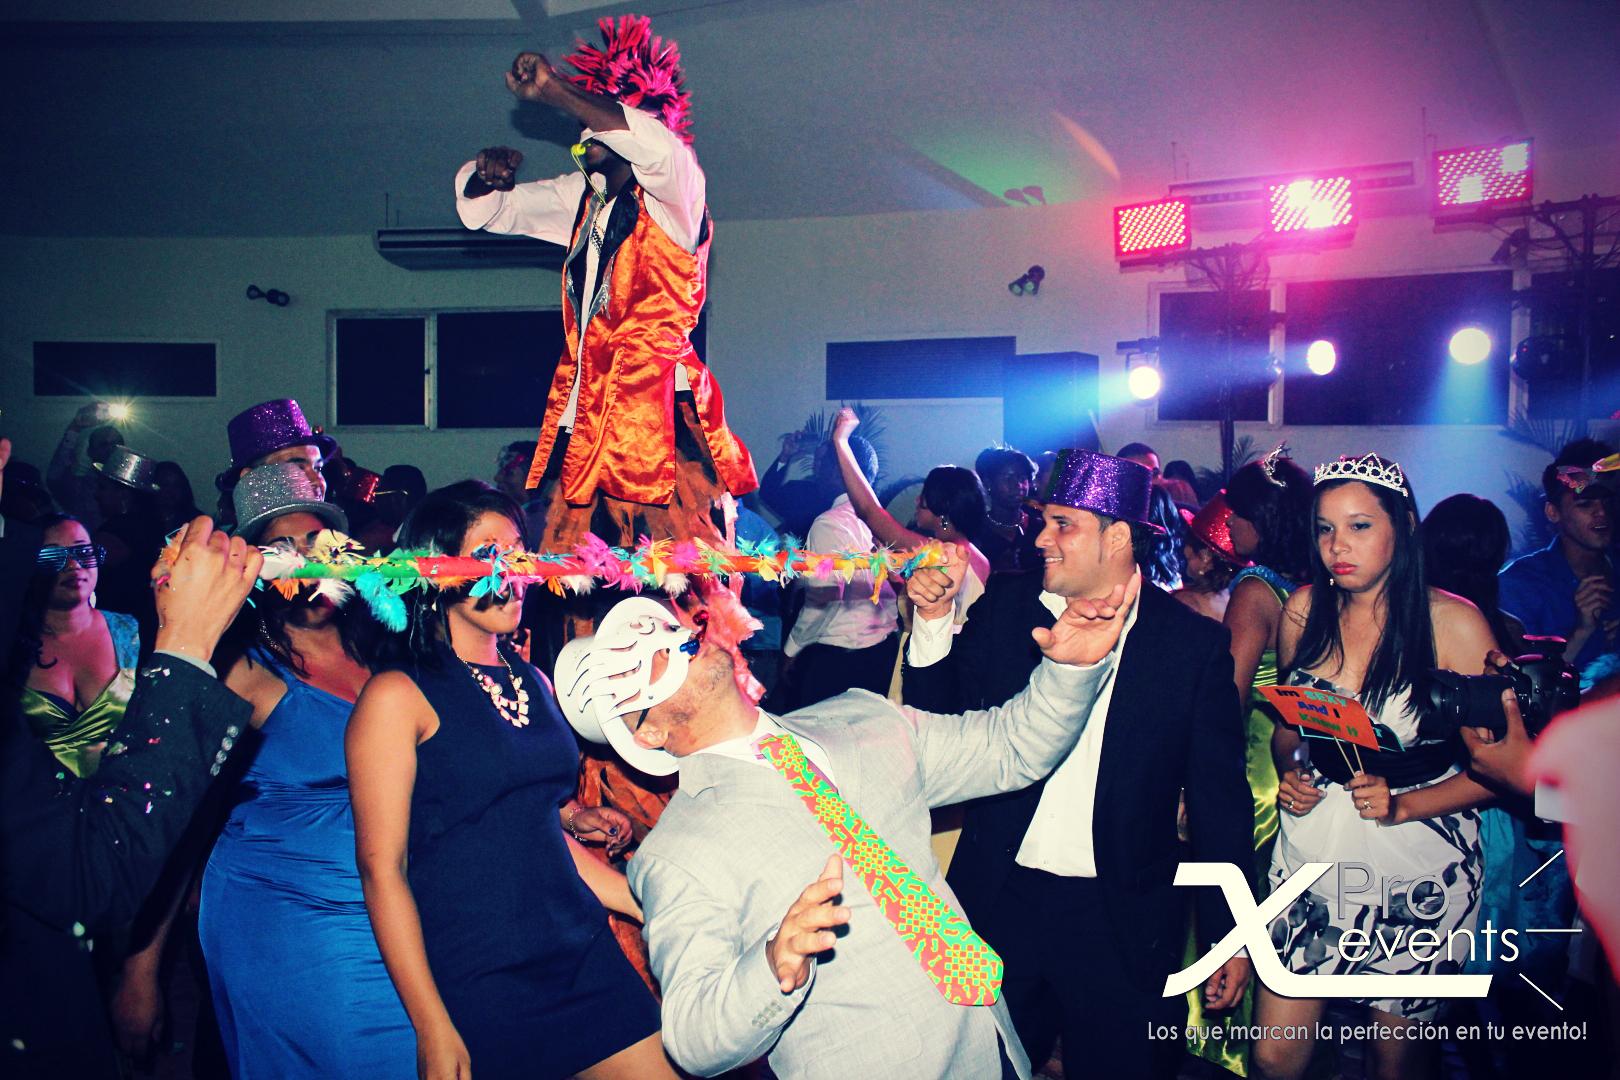 www.Xproevents.com - Los que marcan la perfeccion en tu evento 01 (10).jpg